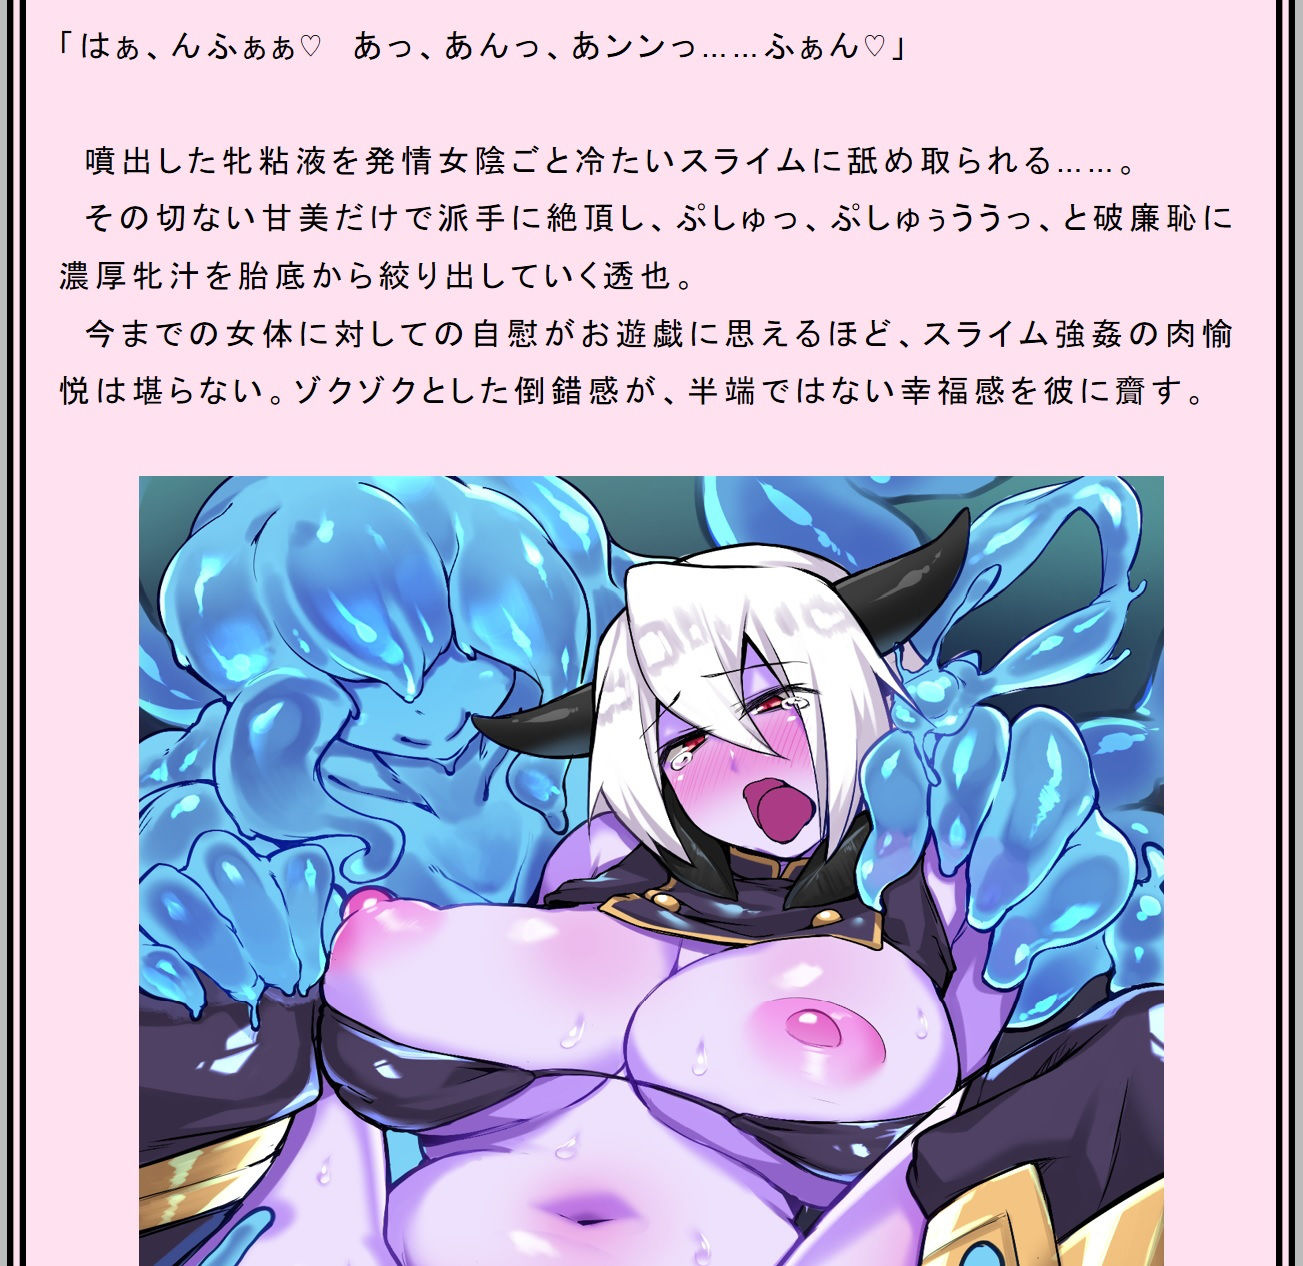 性転魔王〜吉沢透也の人外牝淫戯〜